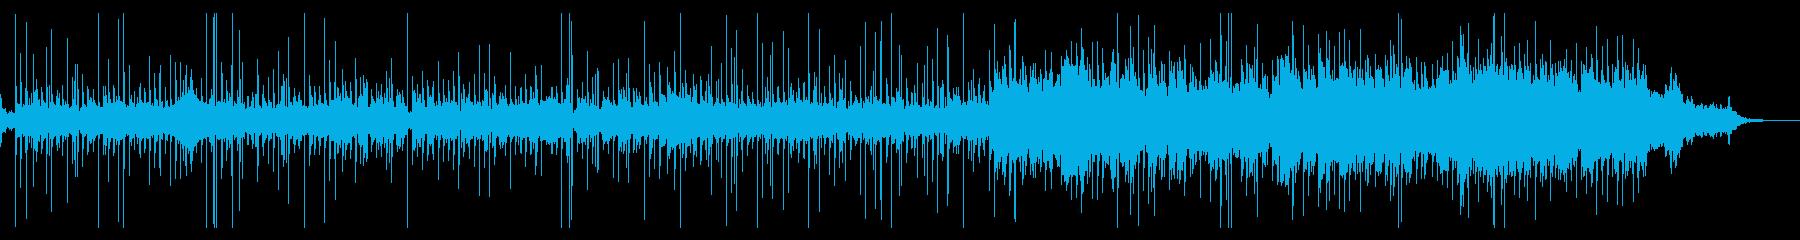 ミステリアス ホラー系のテクスチャーの再生済みの波形